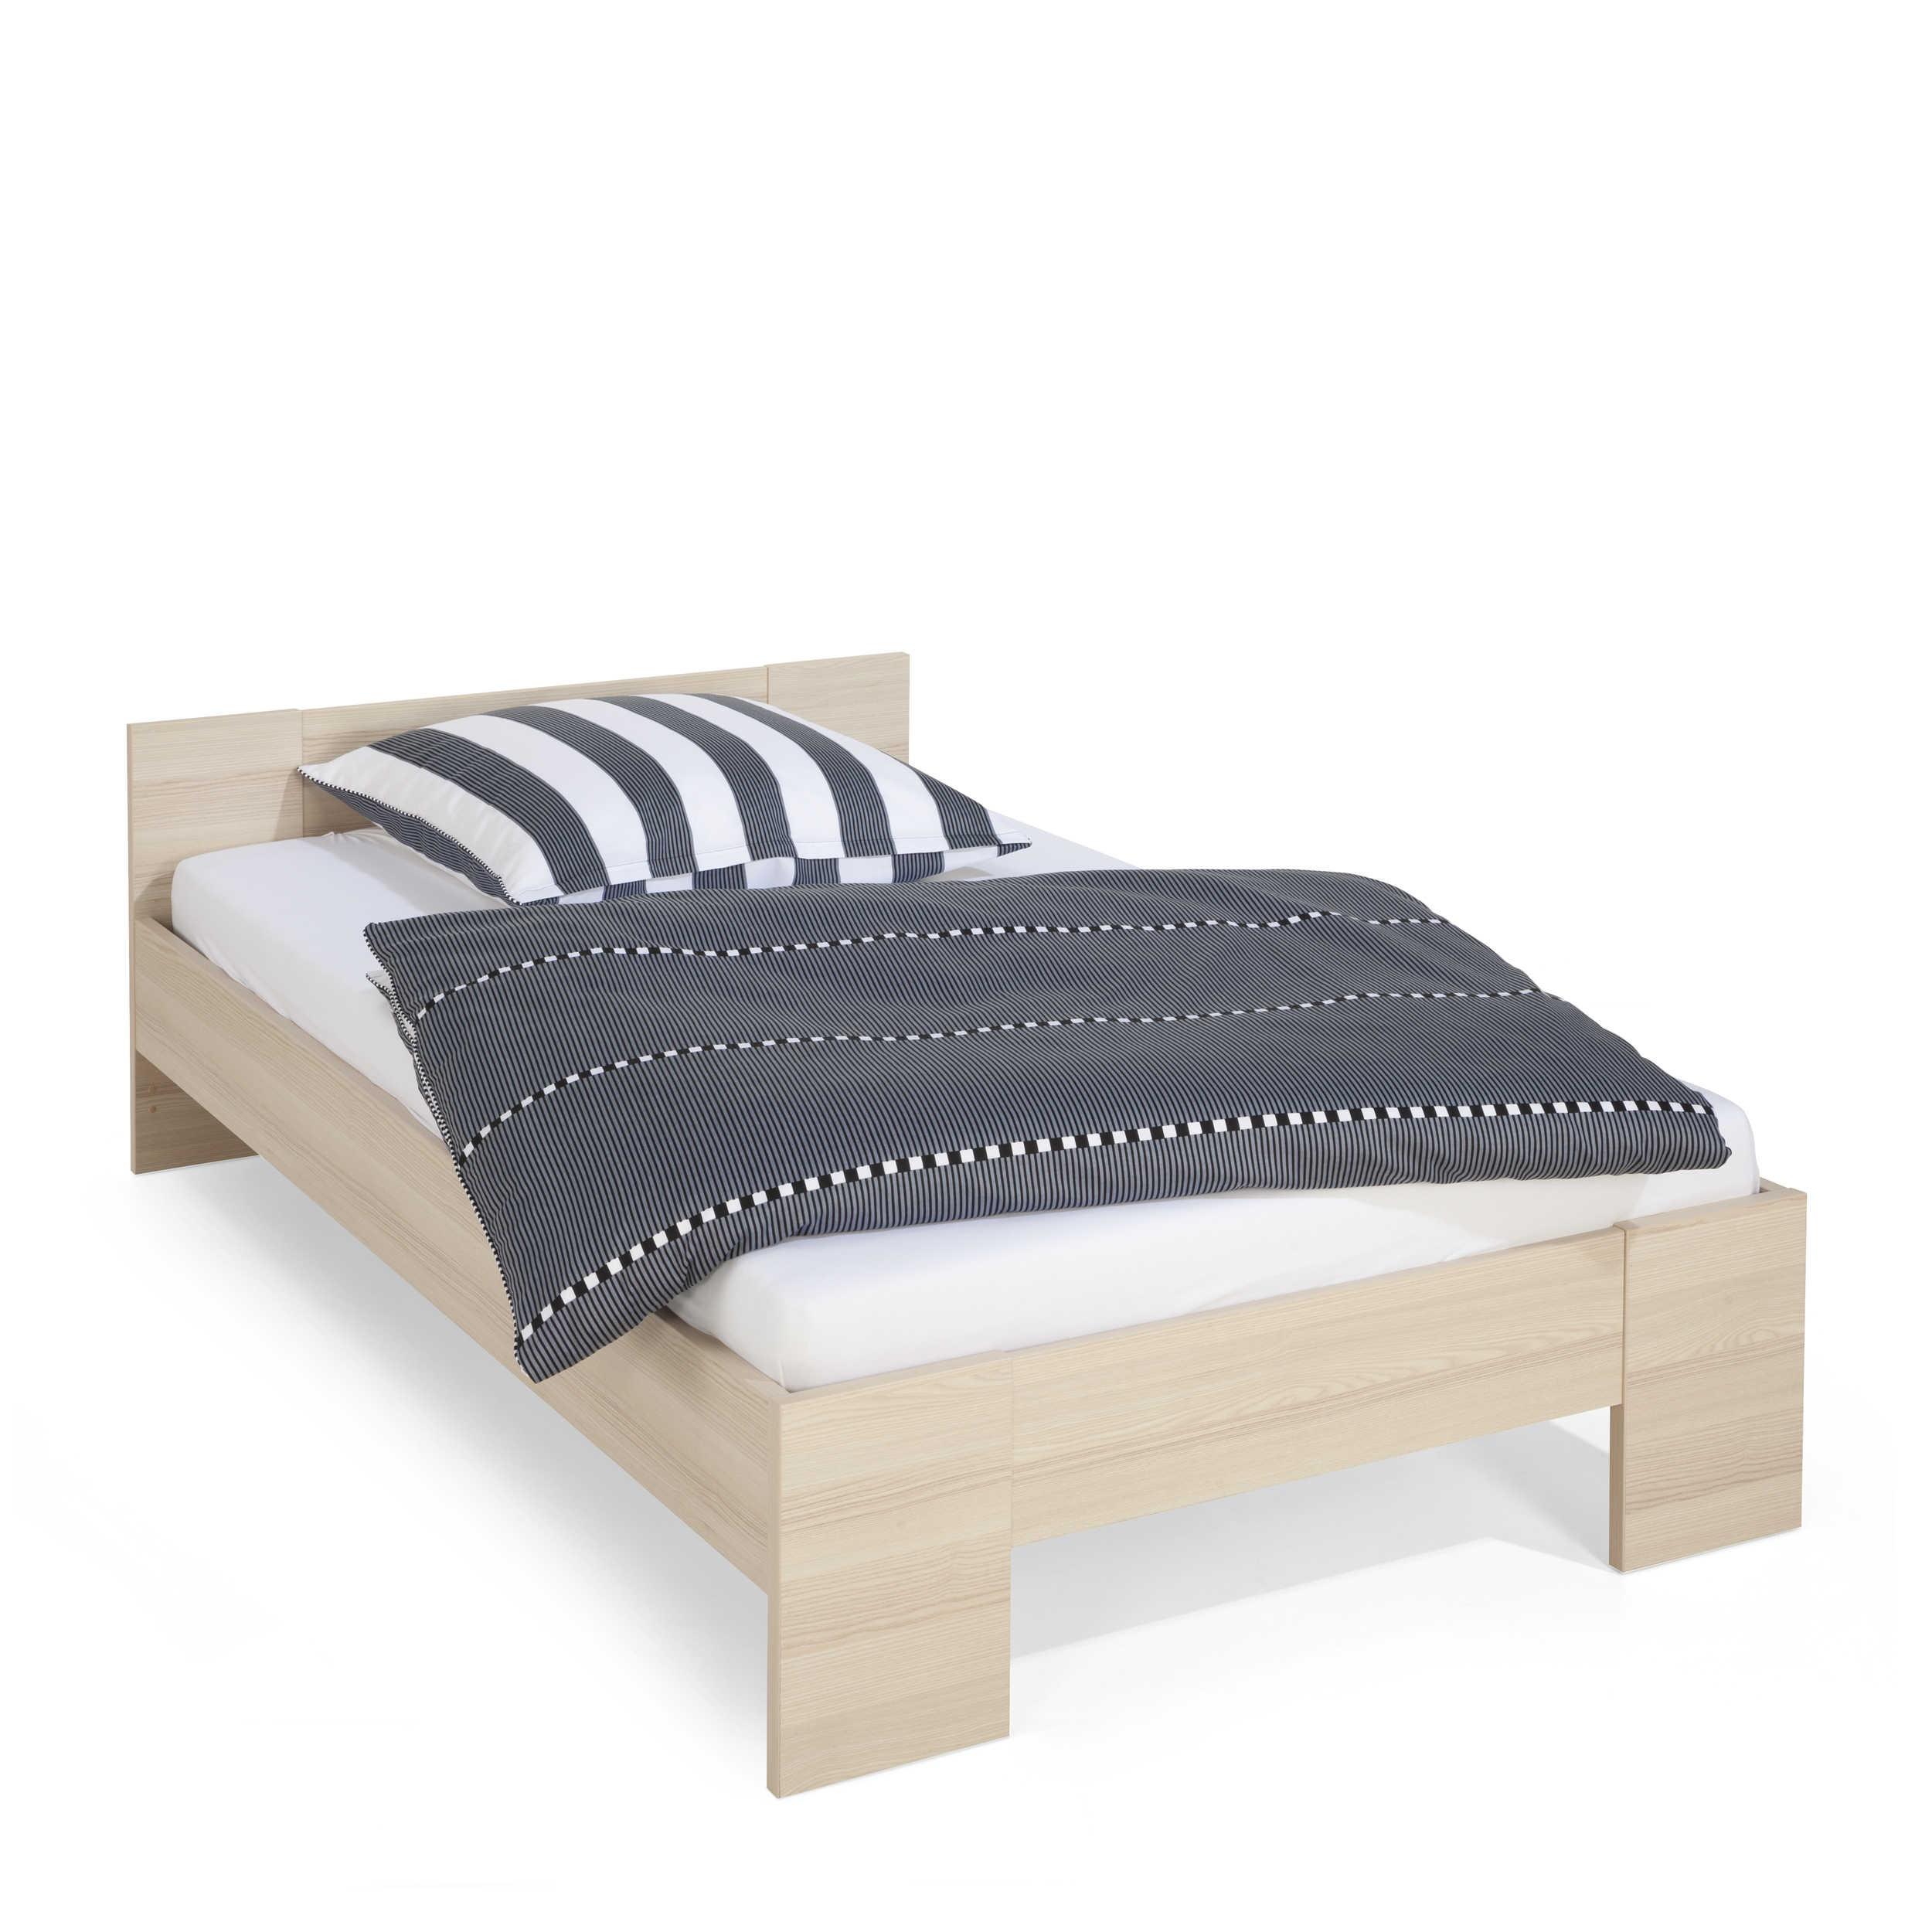 Full Size of Massivholz Betten Modernes Bett 180x200 Stauraum 160x200 Kopfteil Sitzbank Platzsparend 140x200 200x200 Mit Bettkasten Kleinkind Ausziehbett 90x200 Weiß Bett 120 Bett